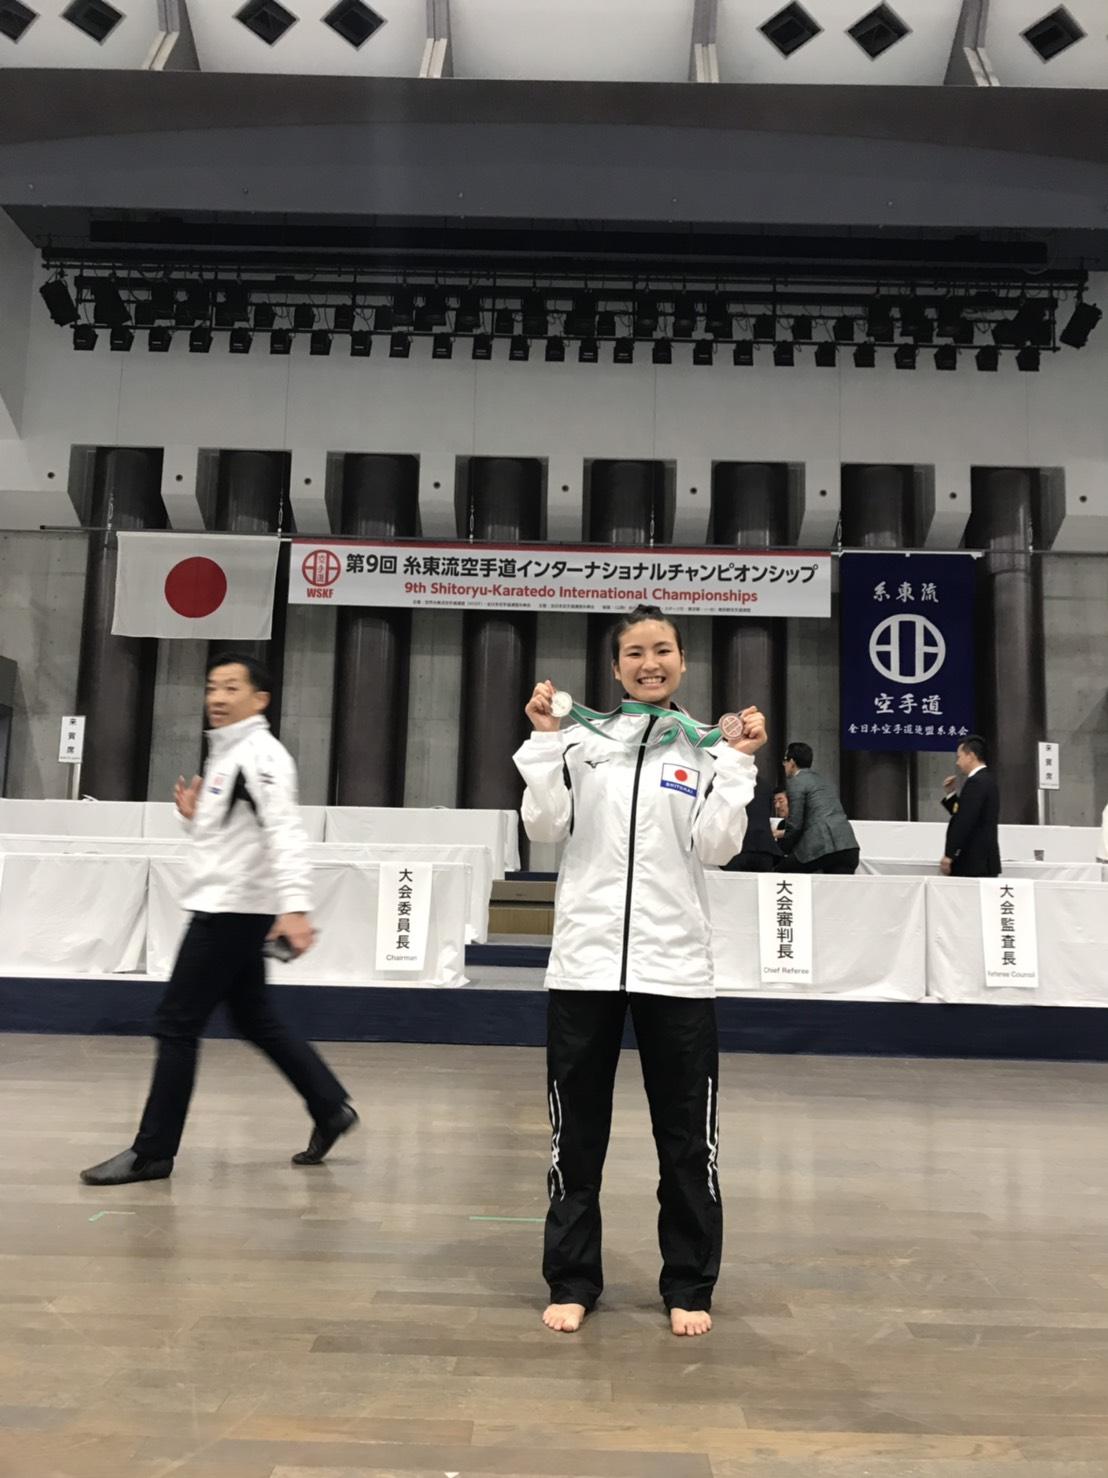 第9回 糸東流空手道インターナショナル チャンピオンシップ(in japan)